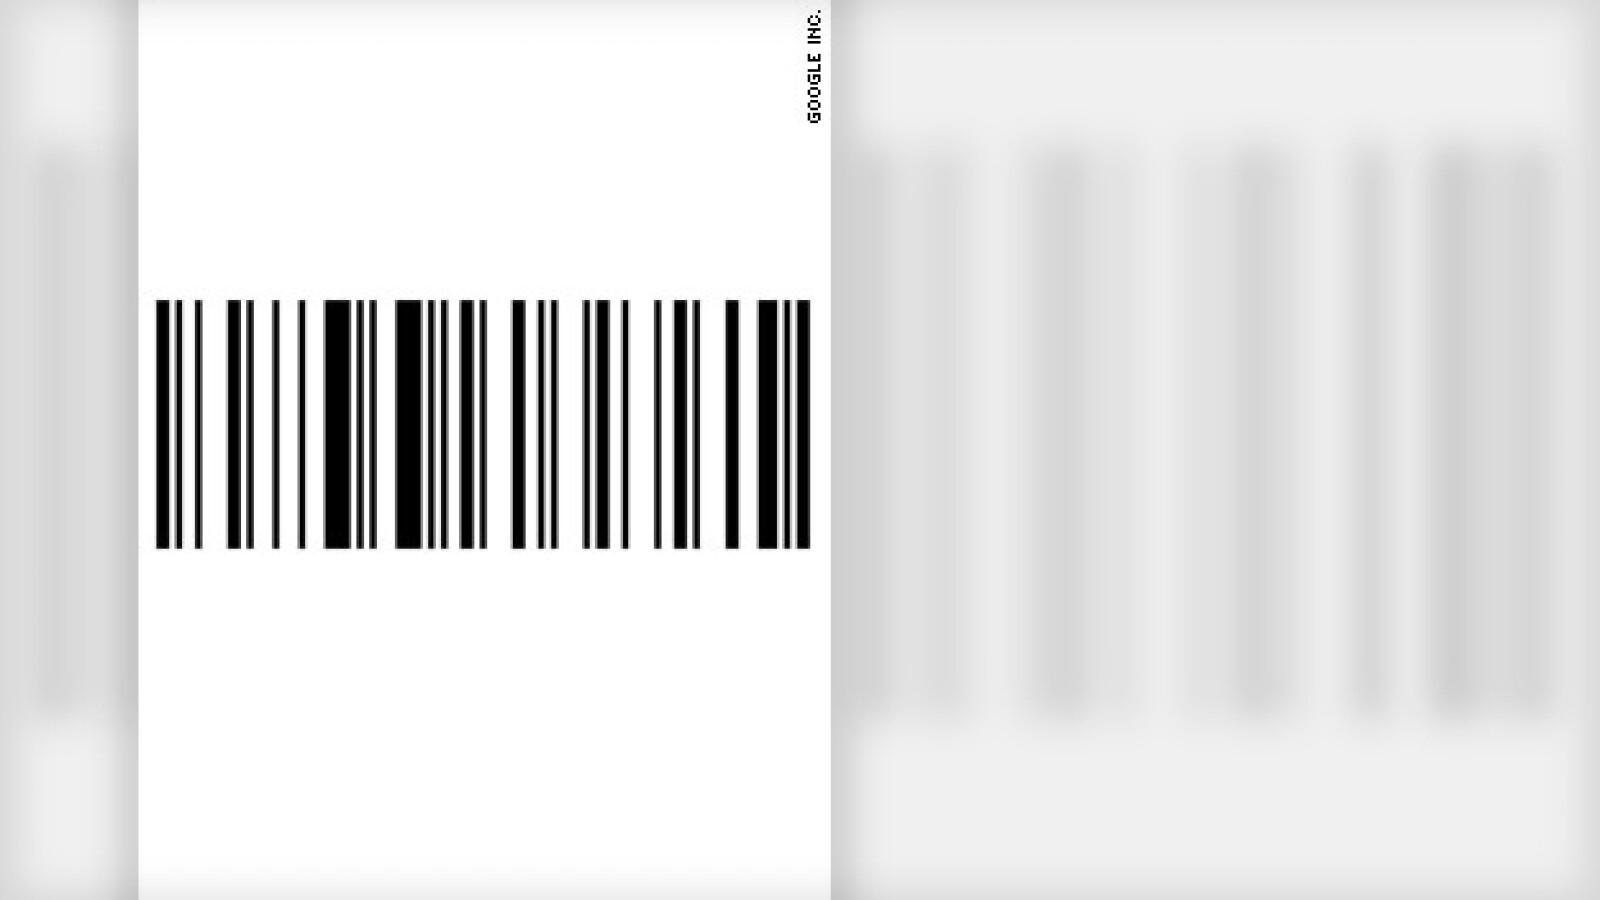 El diseño del logo de Google recuerda fechas célebres